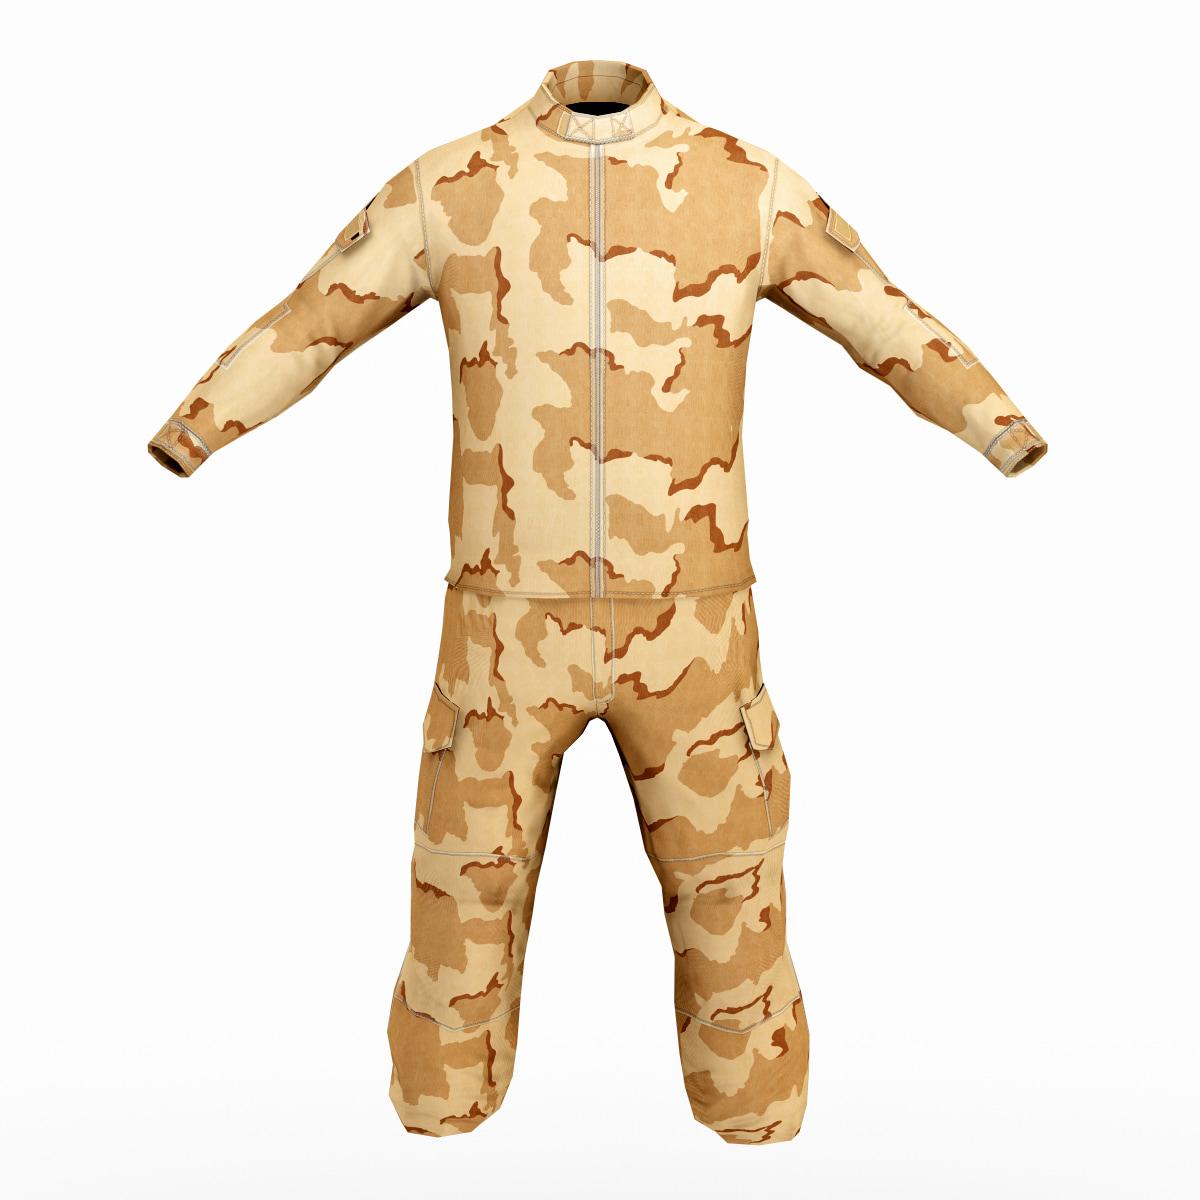 3ds max sas soldier clothes 5